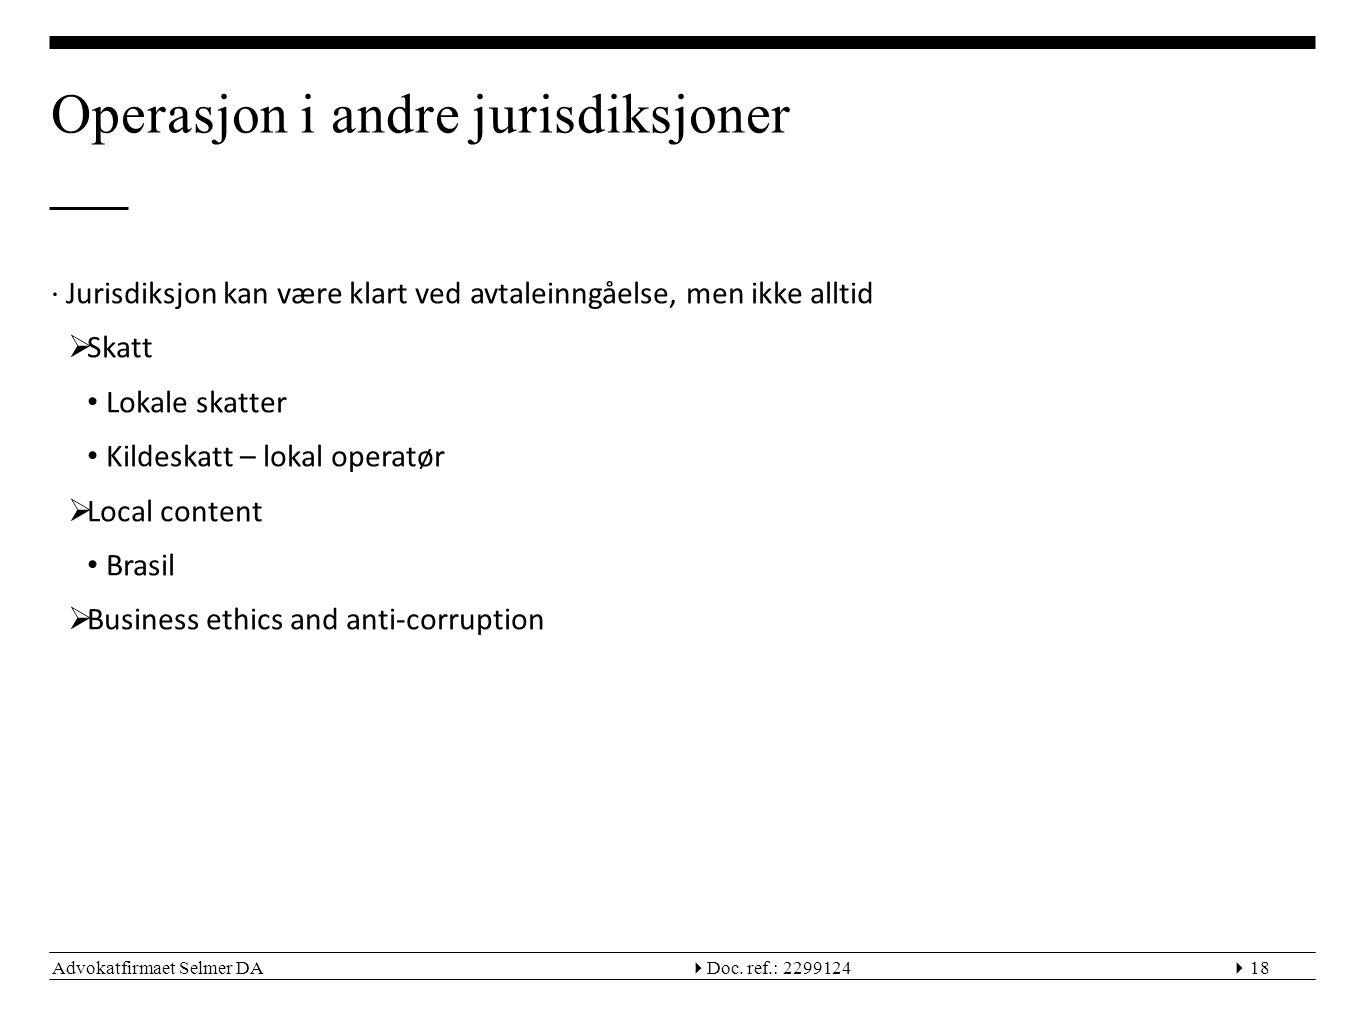 Advokatfirmaet Selmer DA  Doc. ref.: 229912418 Operasjon i andre jurisdiksjoner ∙Jurisdiksjon kan være klart ved avtaleinngåelse, men ikke alltid 